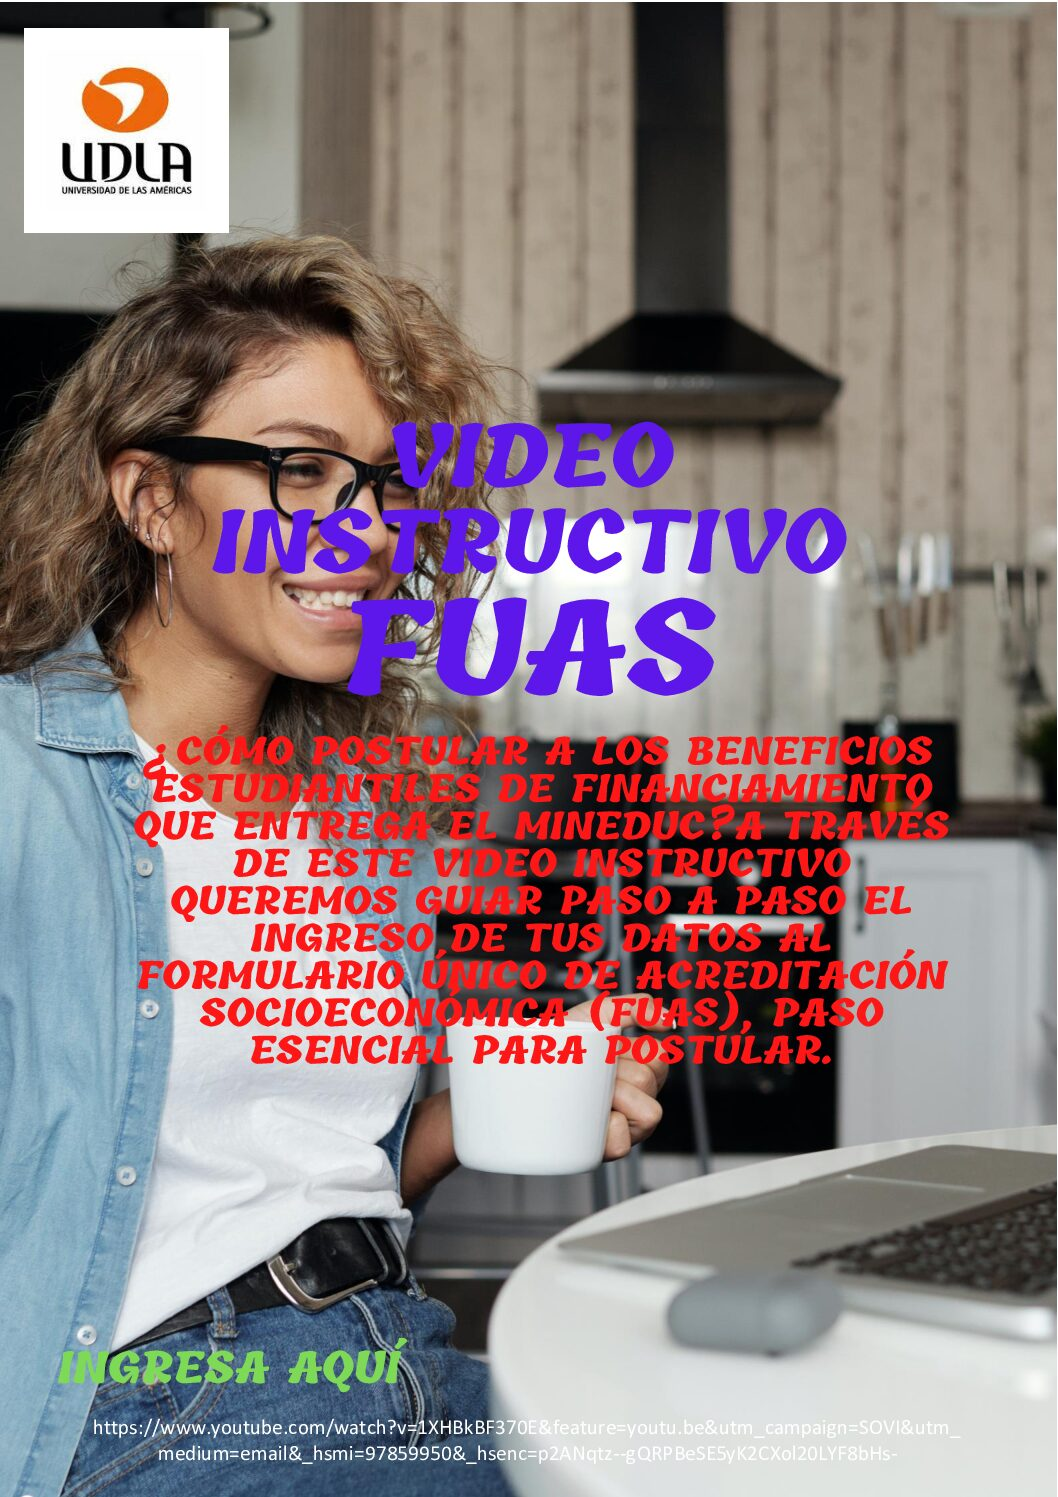 VIDEO INSTRUCTIVO LLENADO FUAS